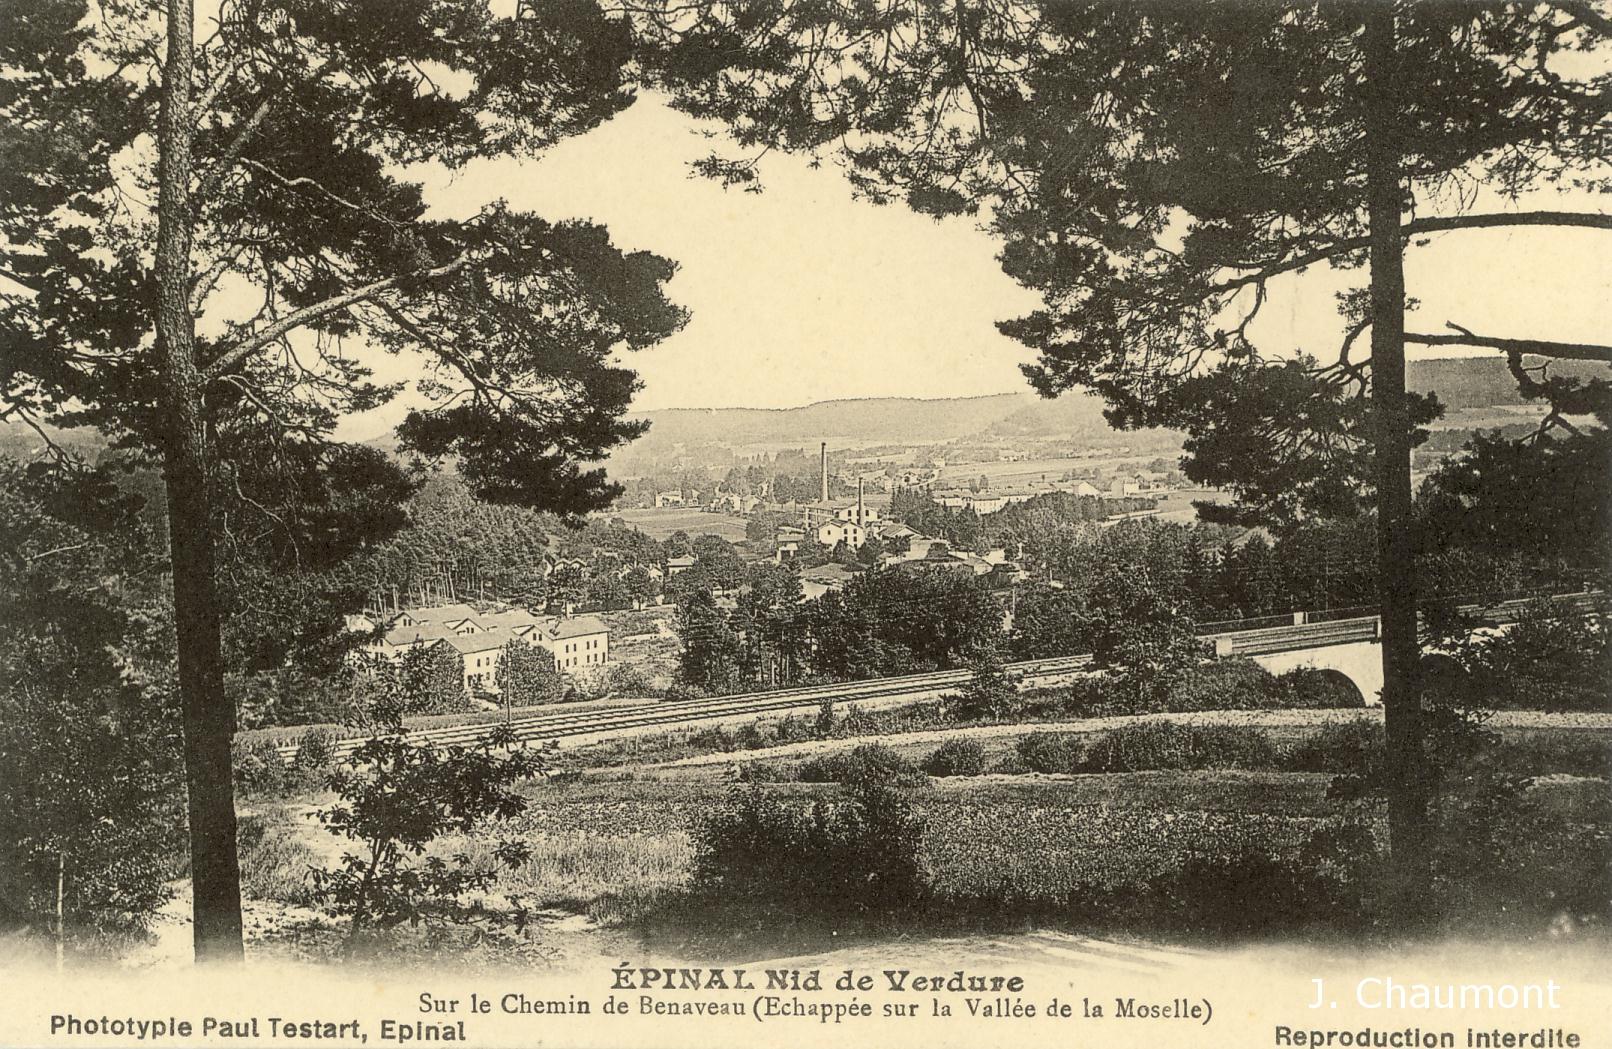 Sur le Chemin de Benaveau, vue sur la vallée de la Moselle avant 1914